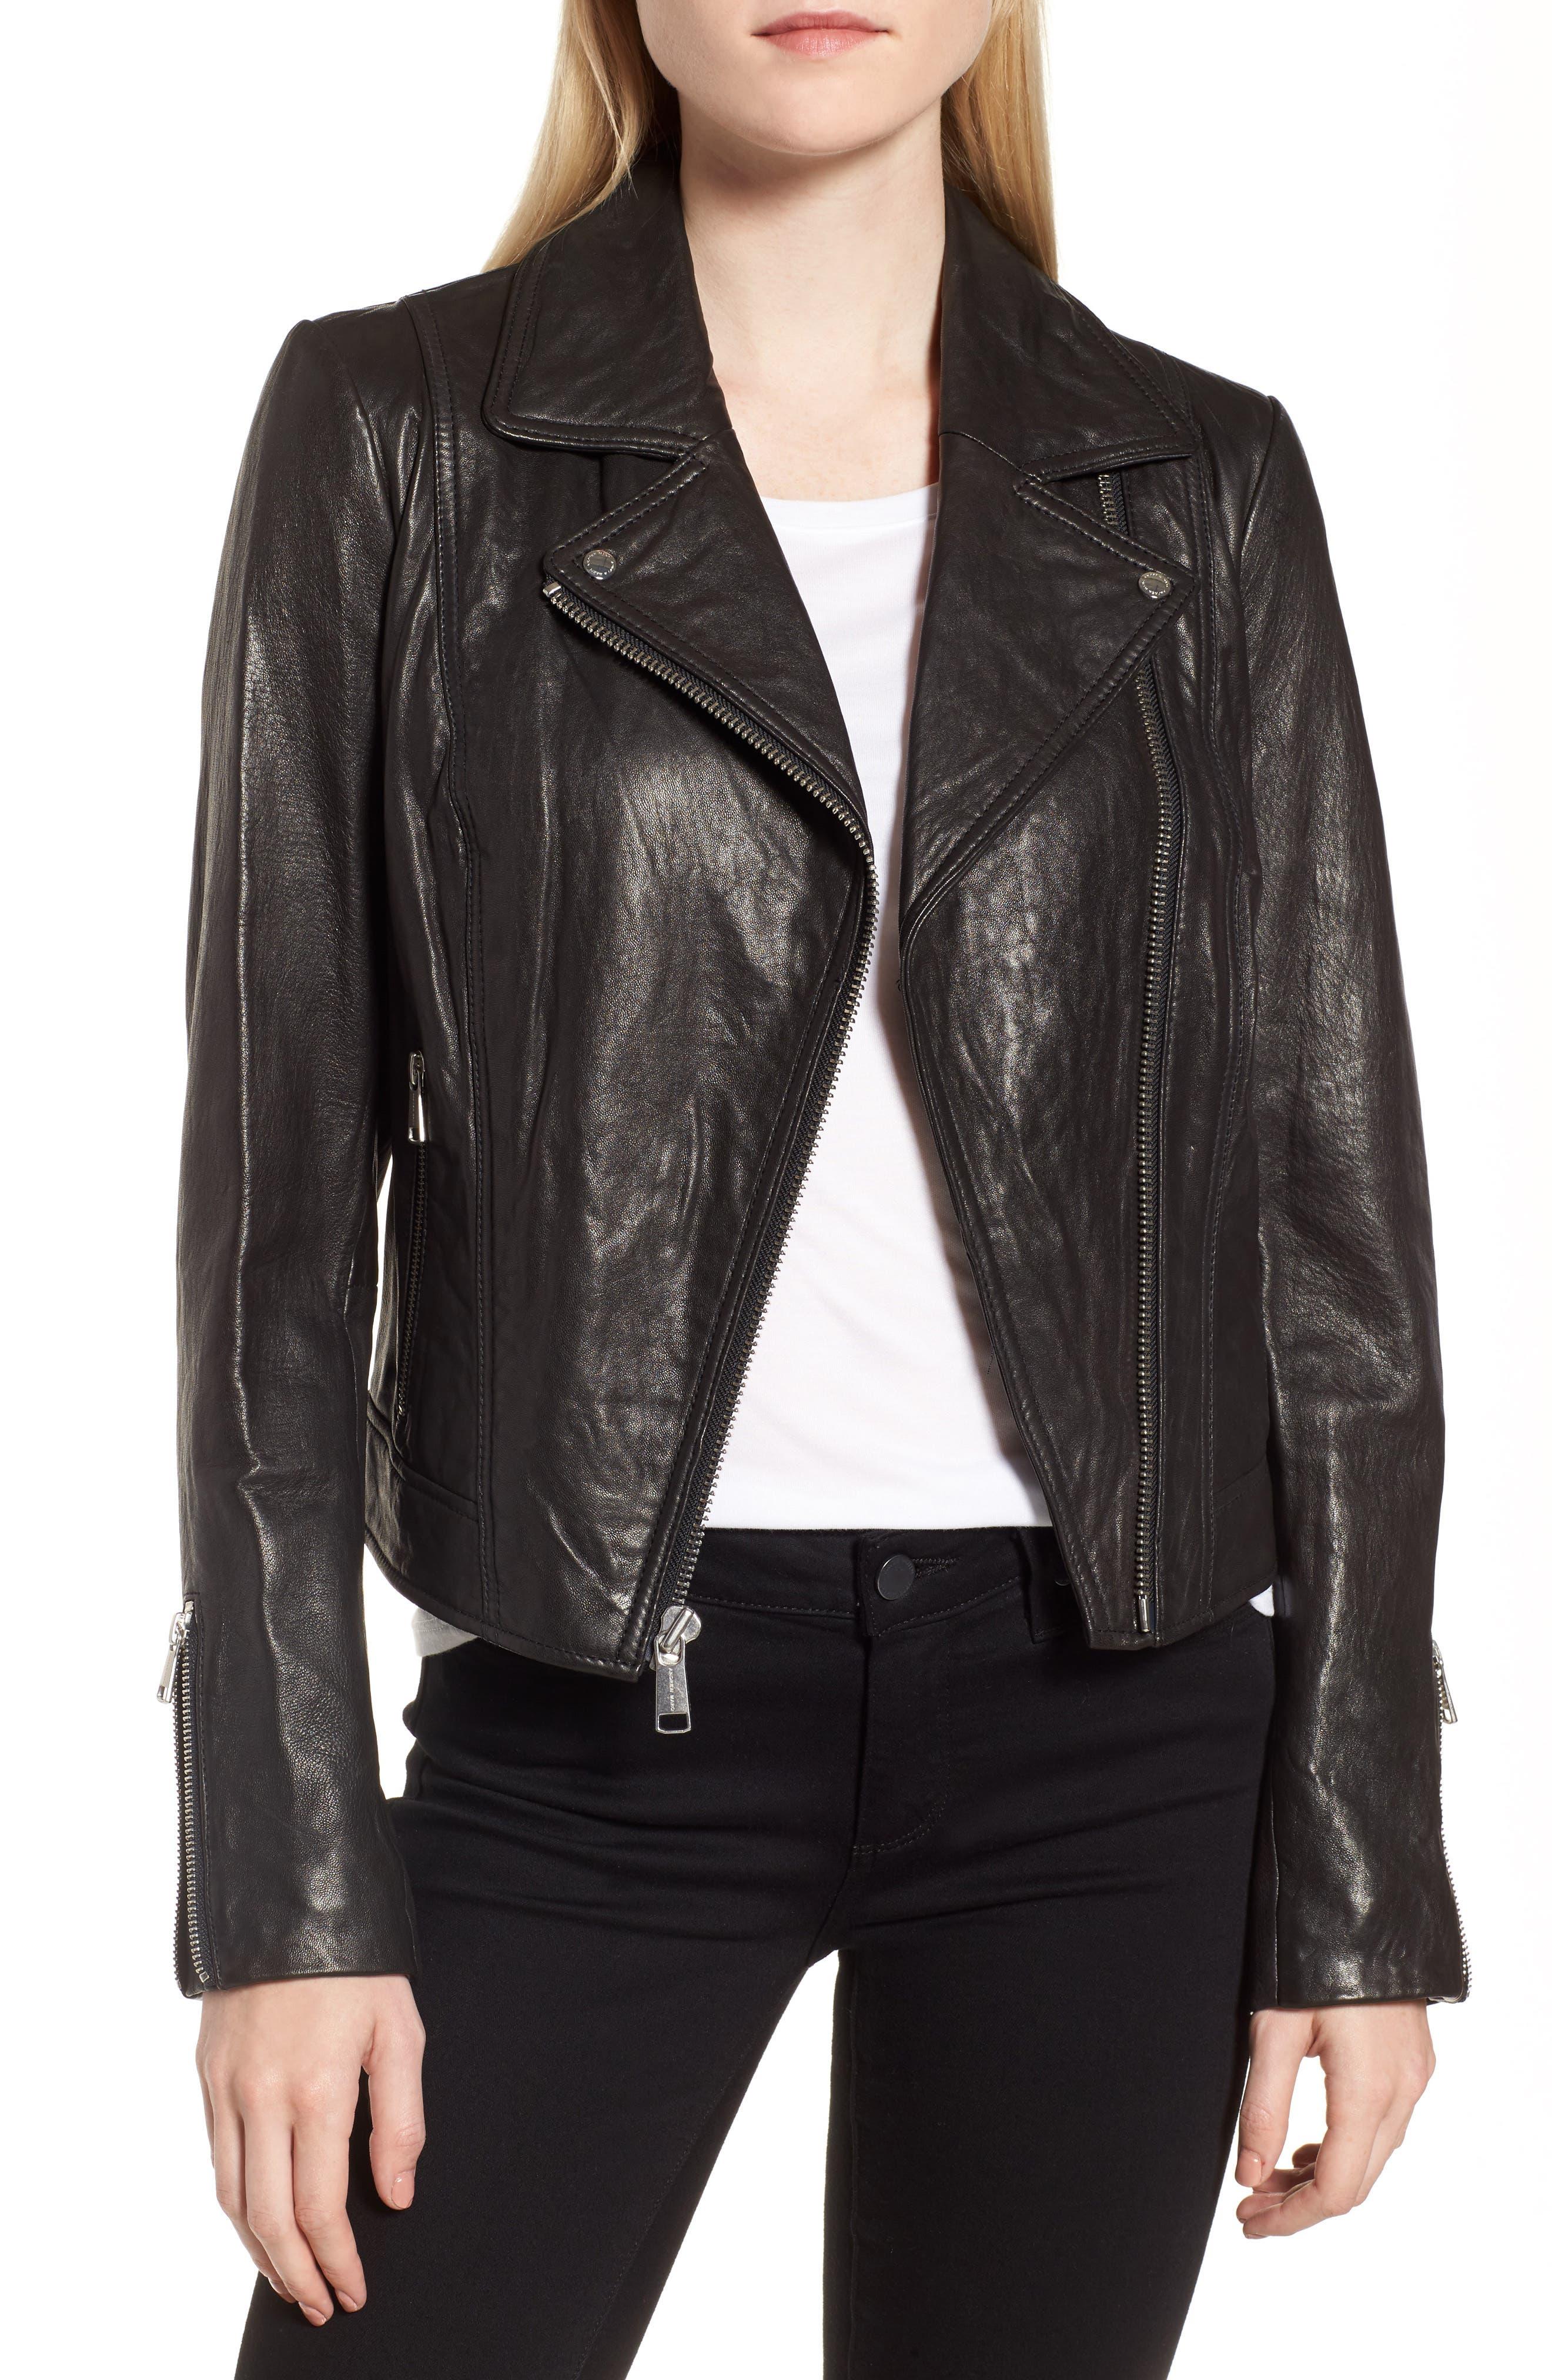 Main Image - Andrew Marc Leather Jacket